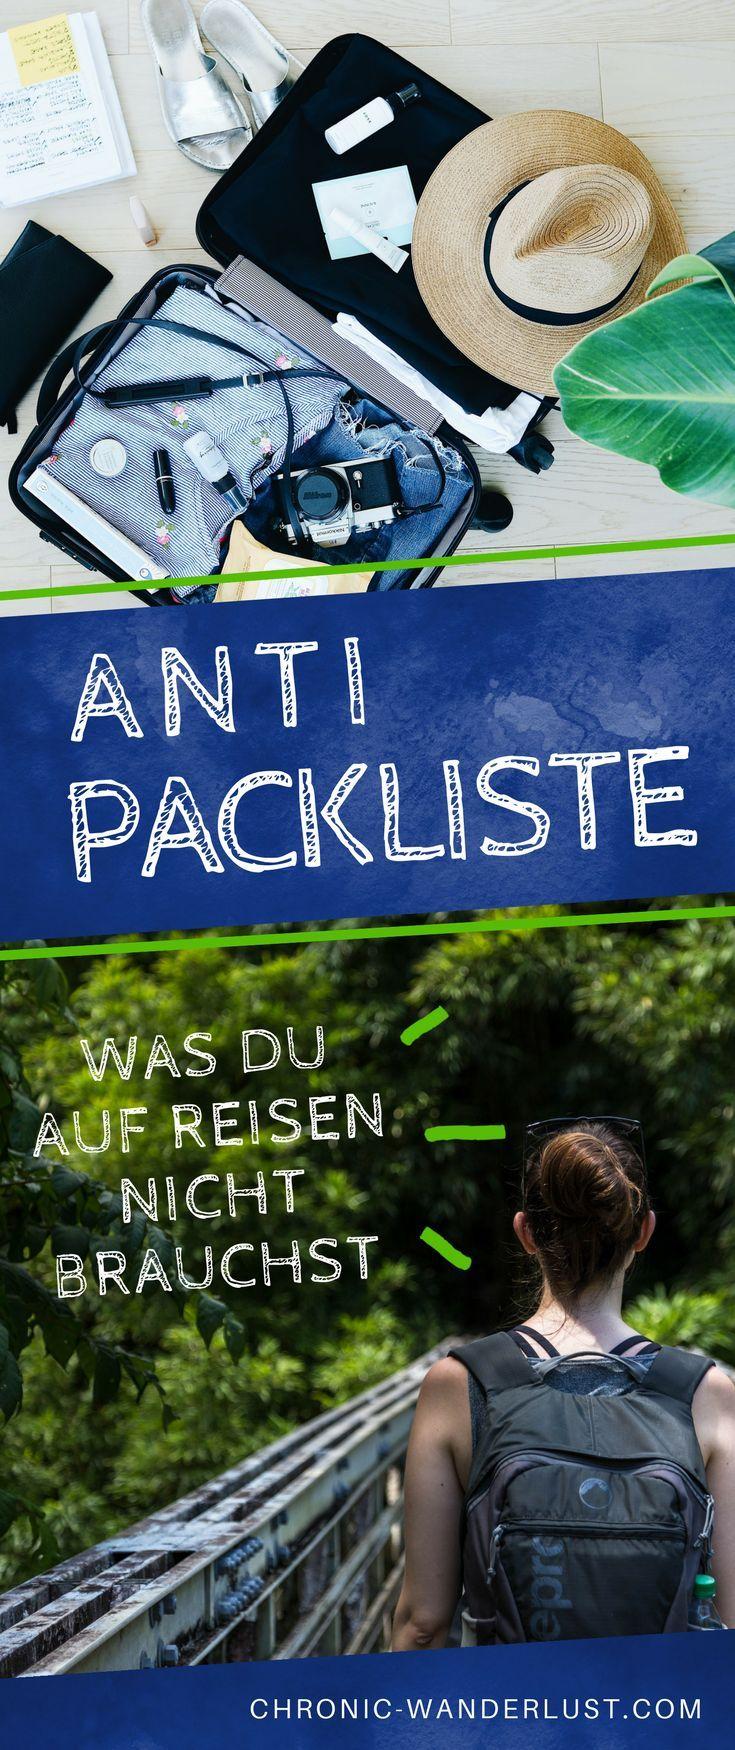 Eine Anti Packliste - mit all den Dingen, die du auf deiner Reise nicht brauchen wirst. So wirst du vom Überpacker zum Packprofi! #packen #packliste #antipackliste #reisen #reise #reisetipp